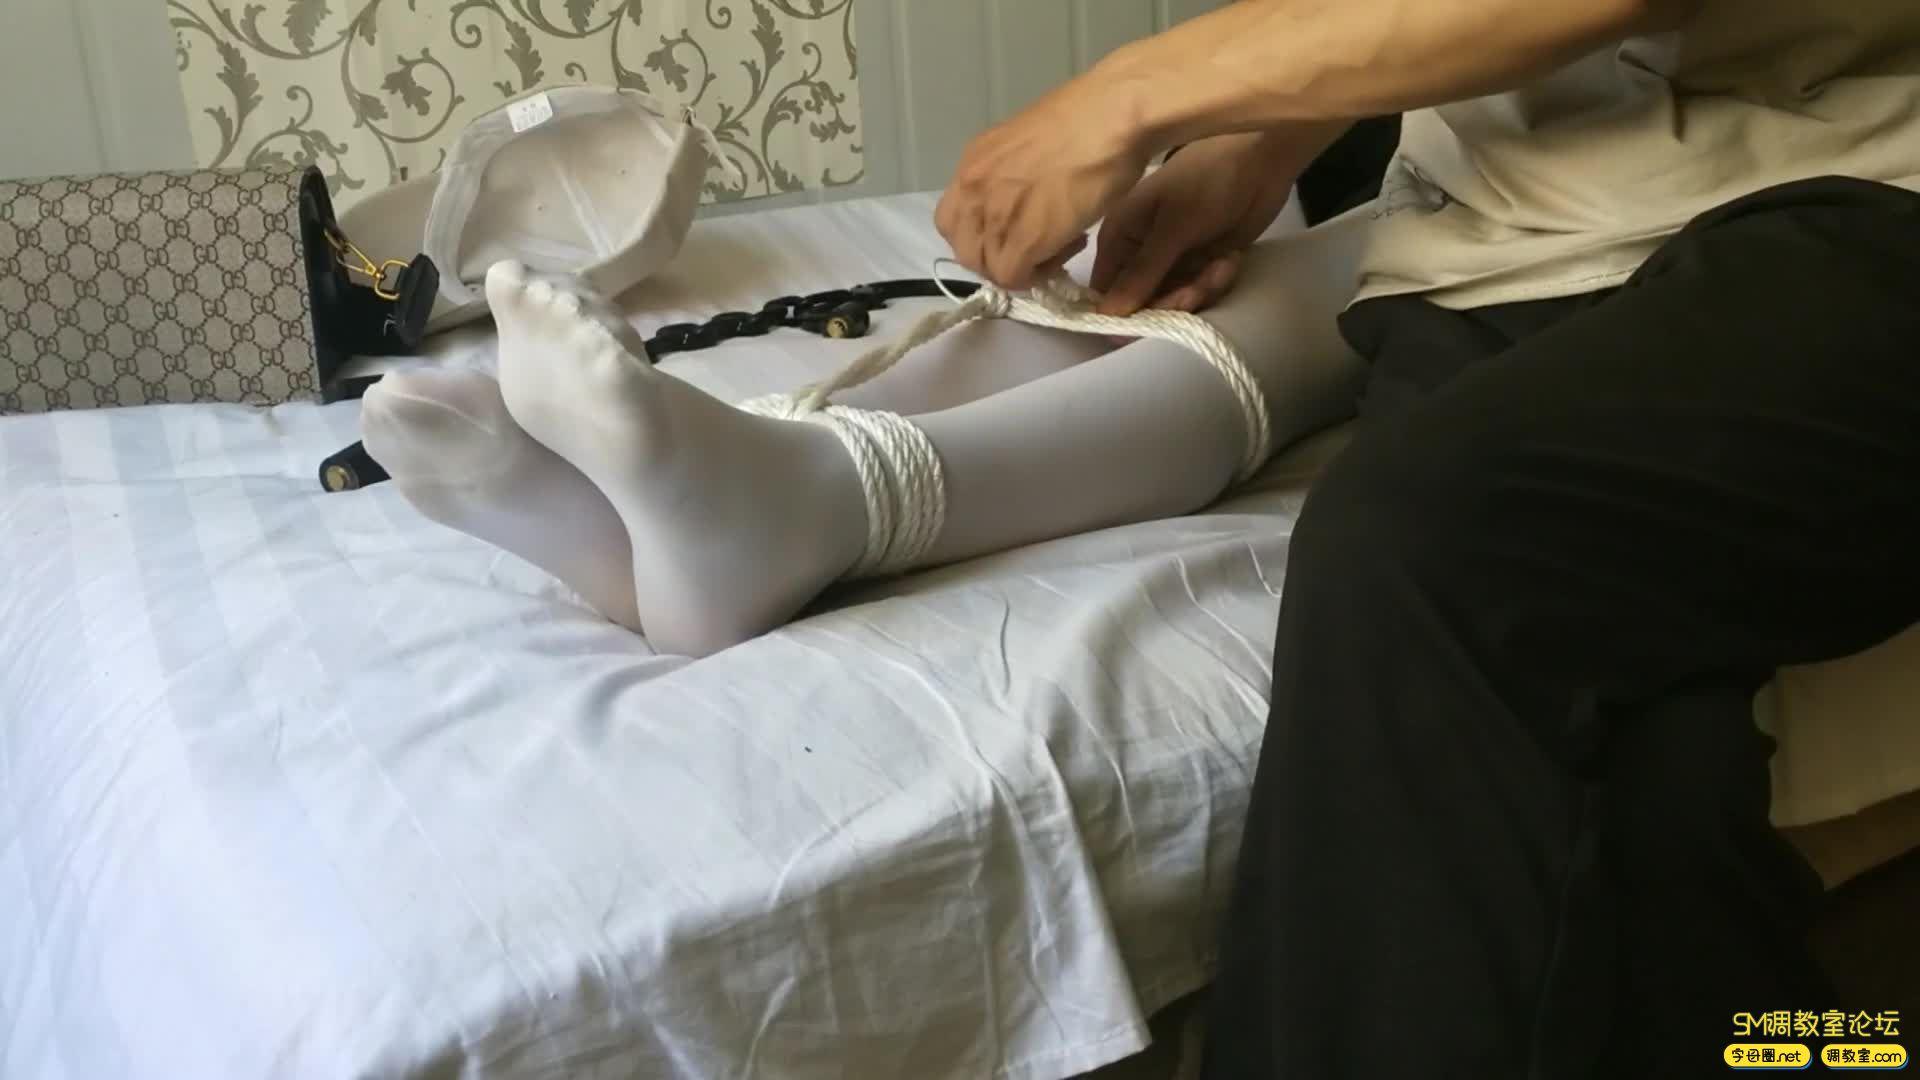 西部猎人_白丝萝莉,手铐脚镣  自己嗨-视频截图3